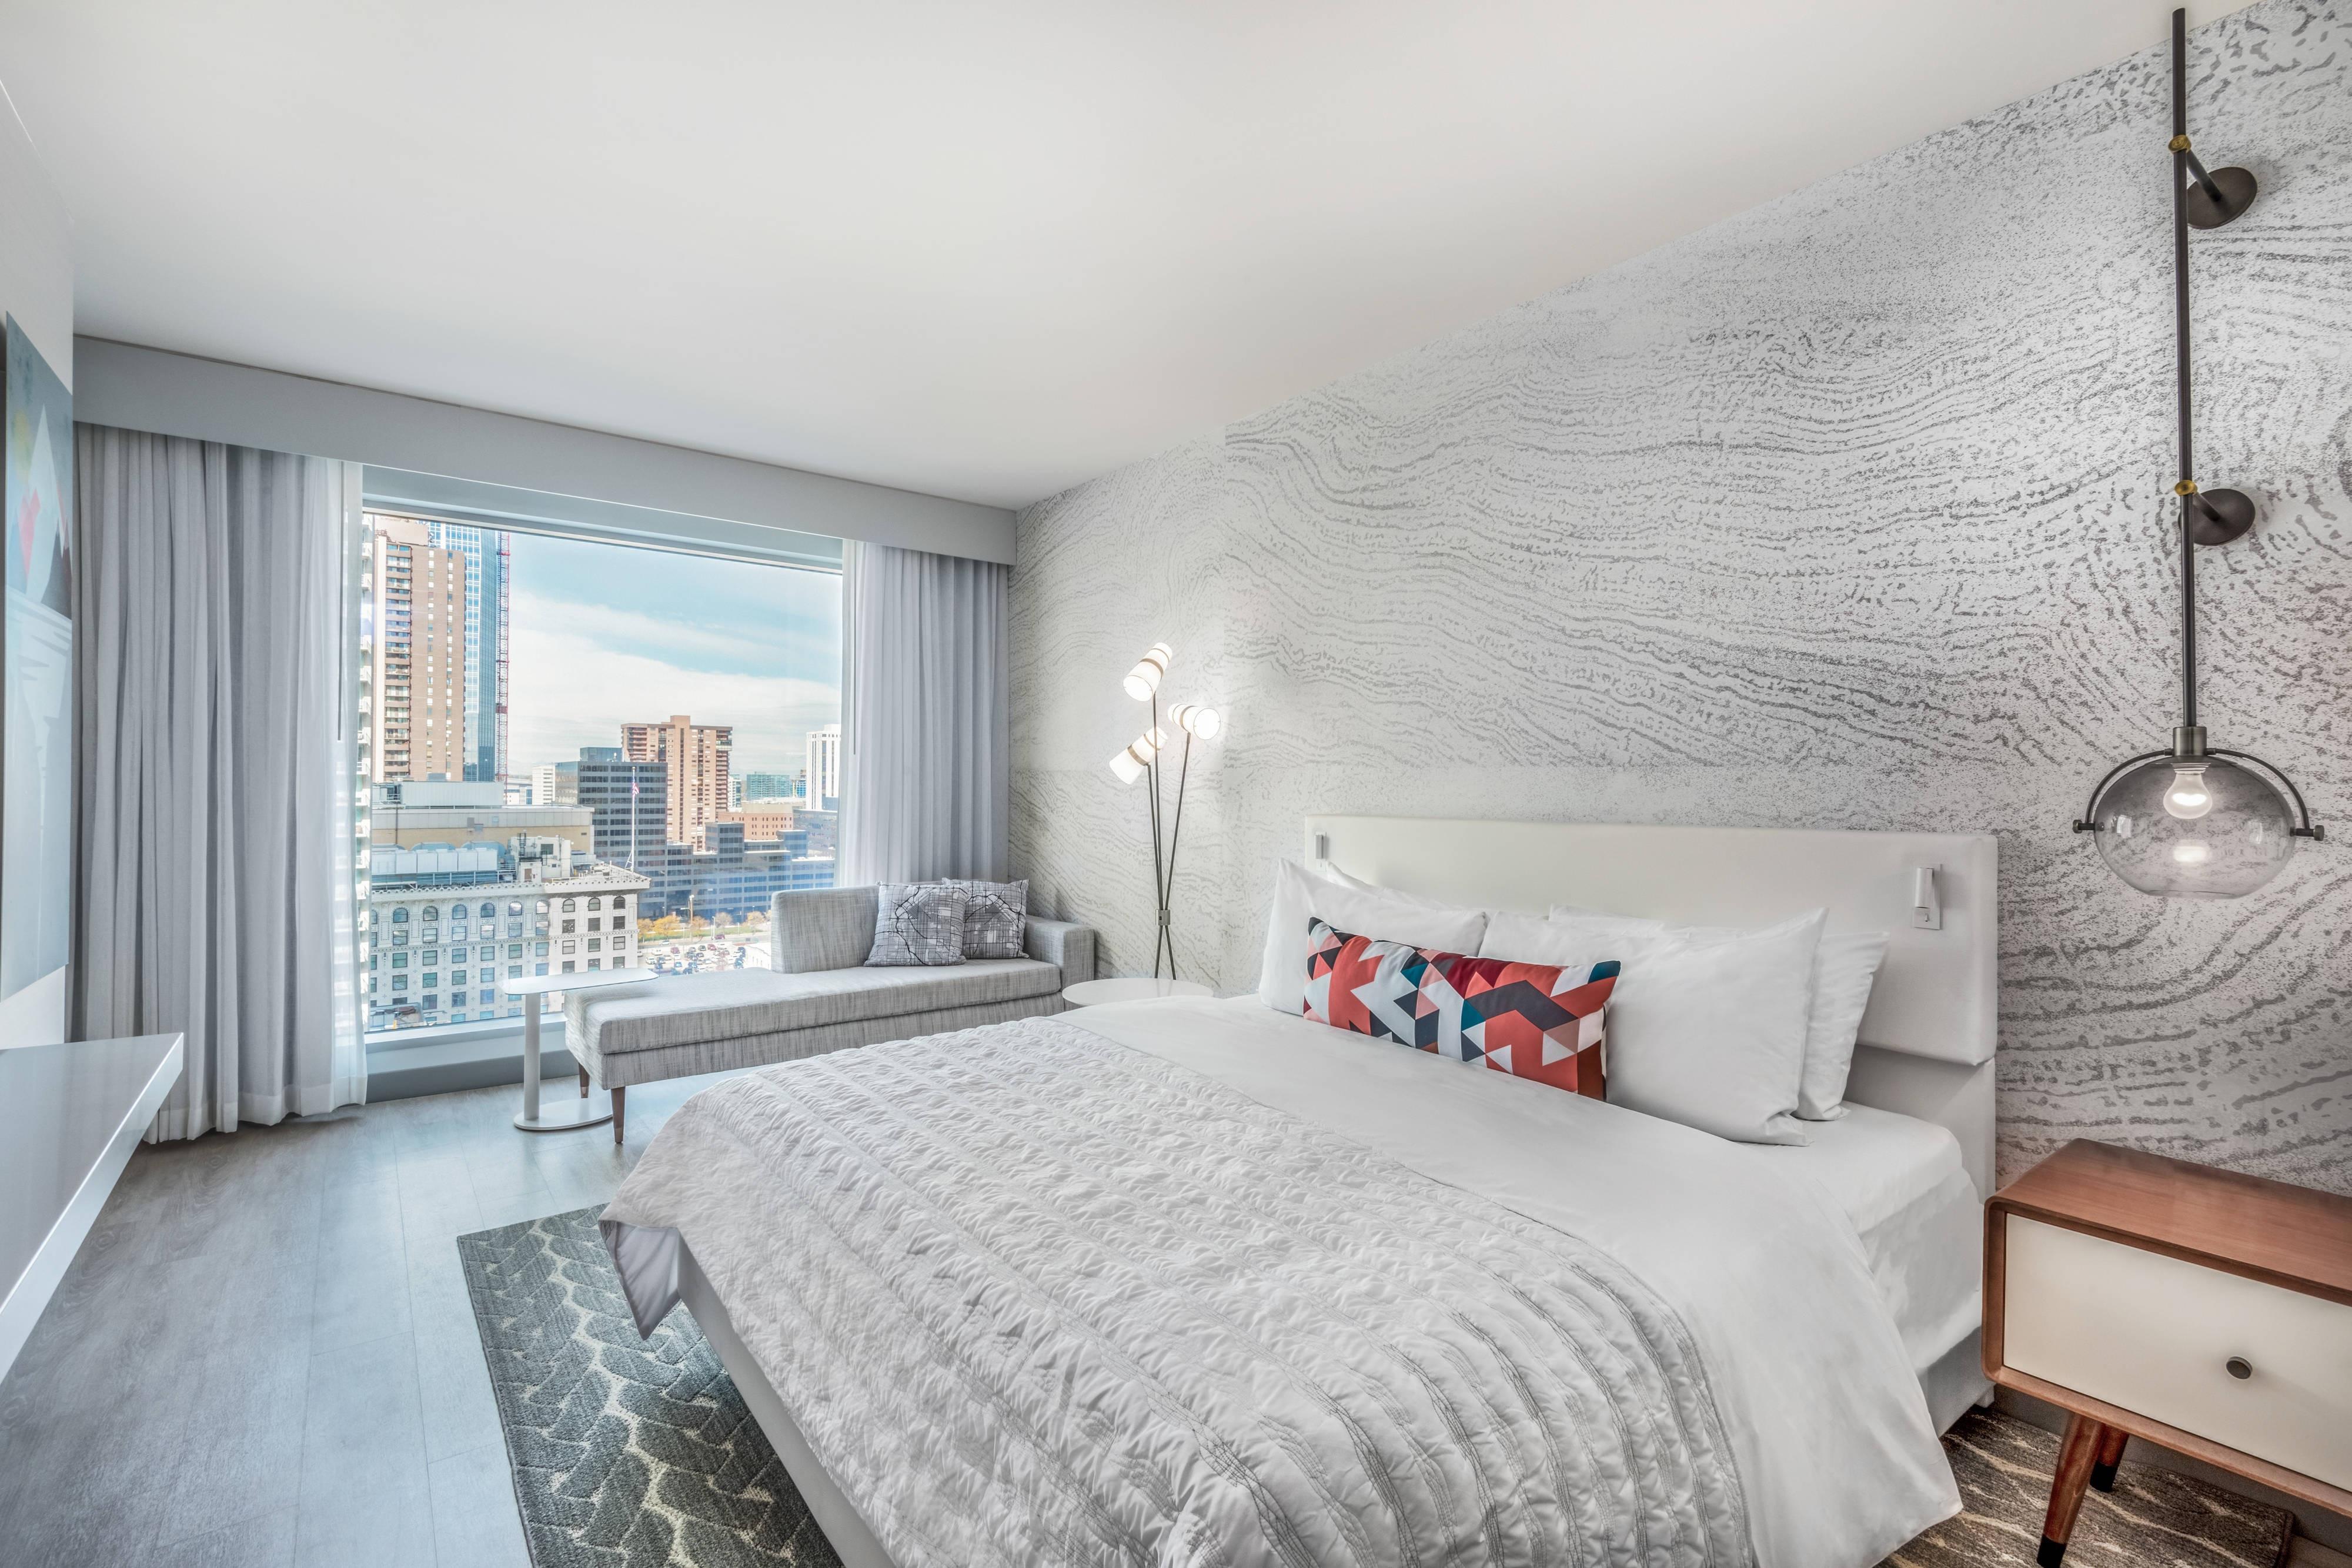 King Guestroom, Skyline view